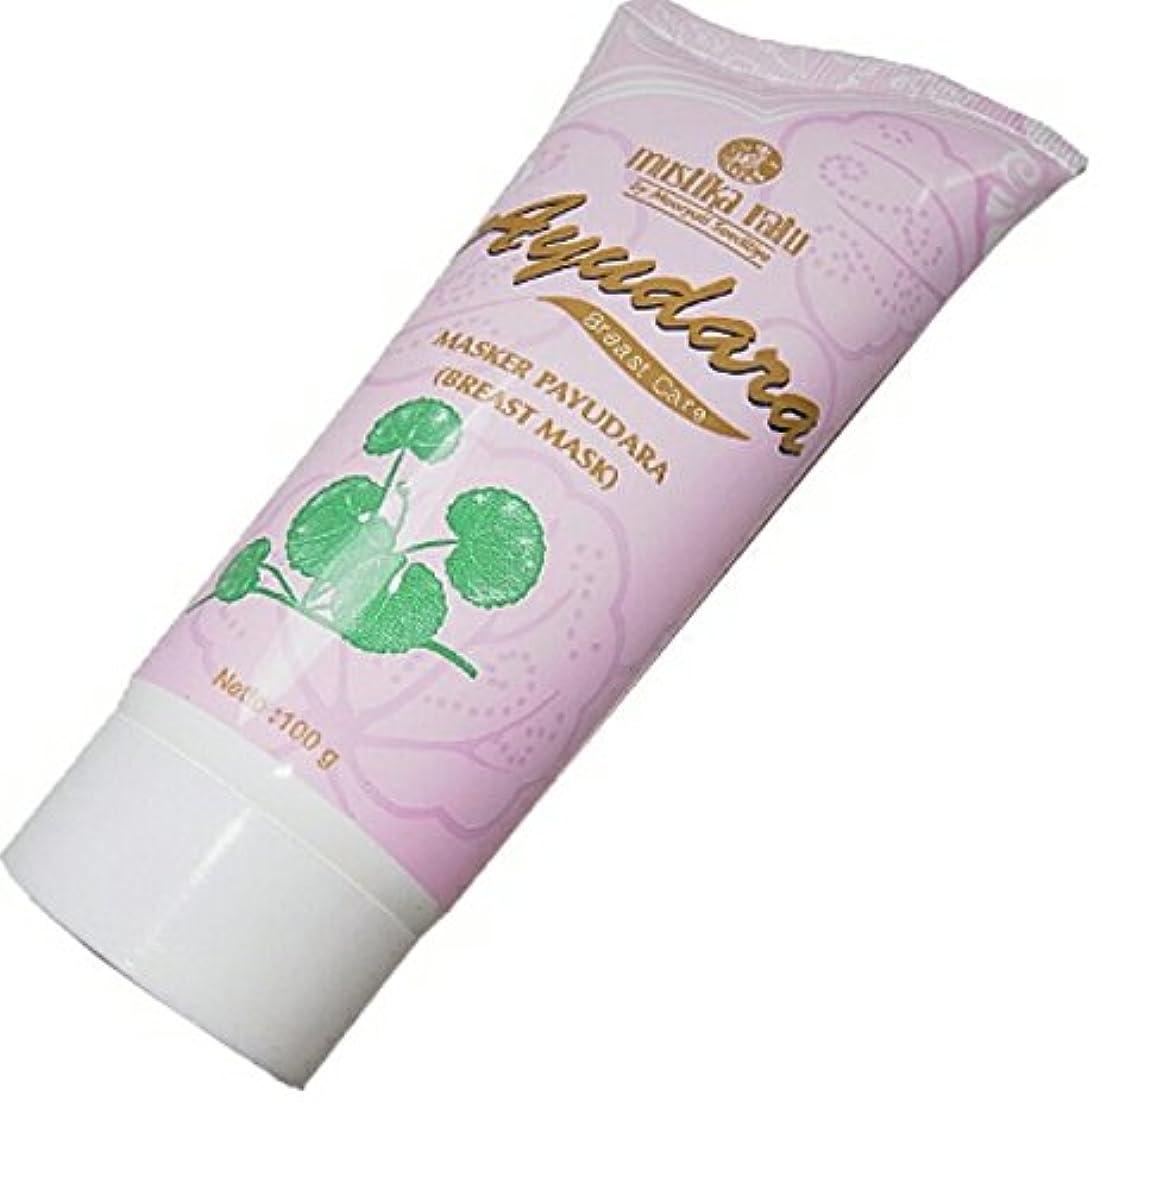 伝導率コンデンサー弱点Mustika ratu Ayu Dara ムスティカラトゥayudara乳房マスクオーガニック100grは美しい、より高密度の美乳になり